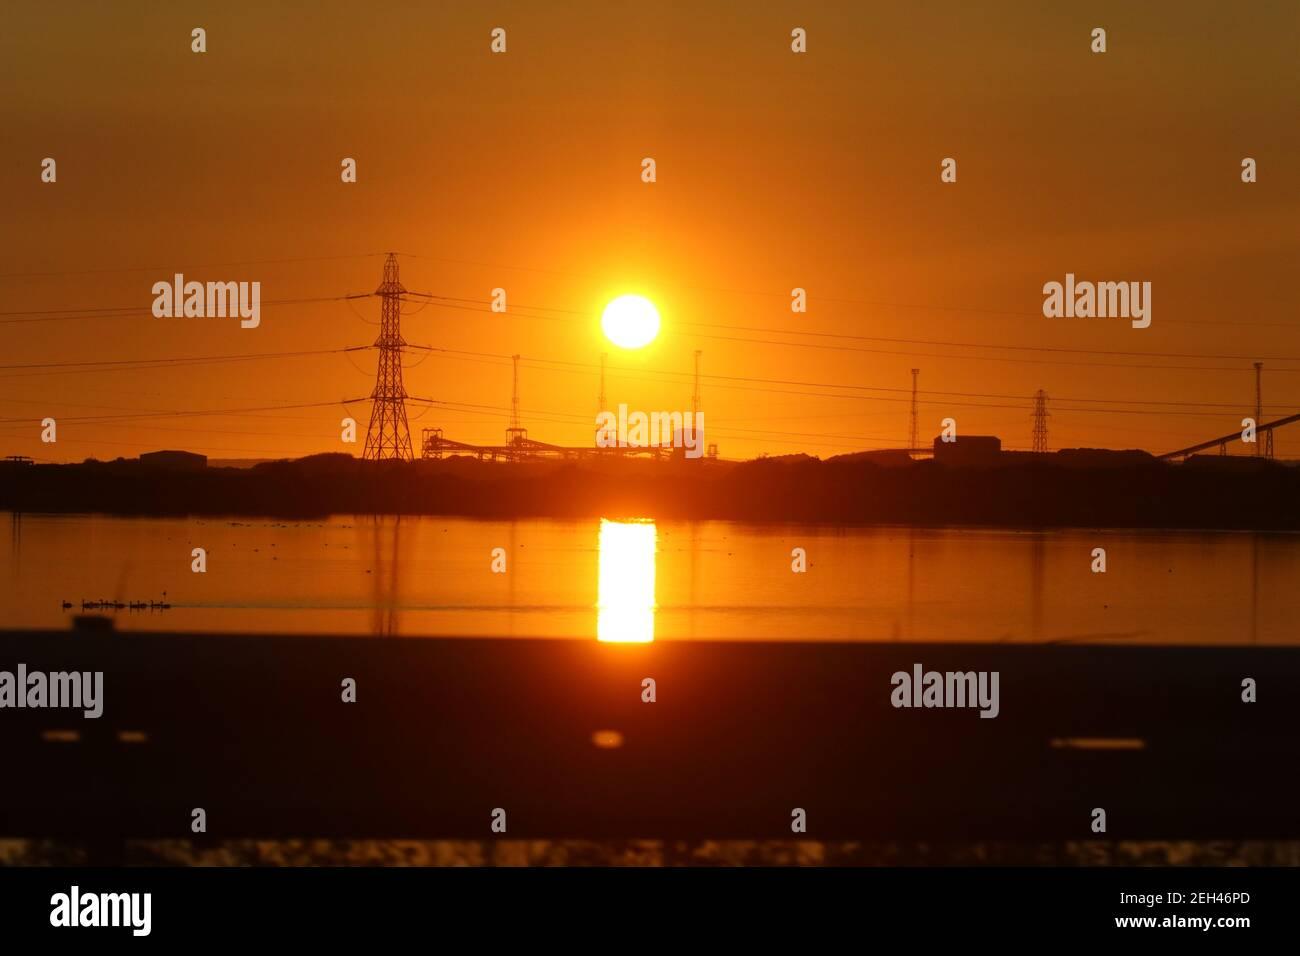 Masten und Stahlwerke Industrie mit der Sonne untergehen in der Hintergrund und leuchtet auf Eglwys Nunydd Reservoir und eine Herde Von Vögeln auf dem Wasser Stockfoto